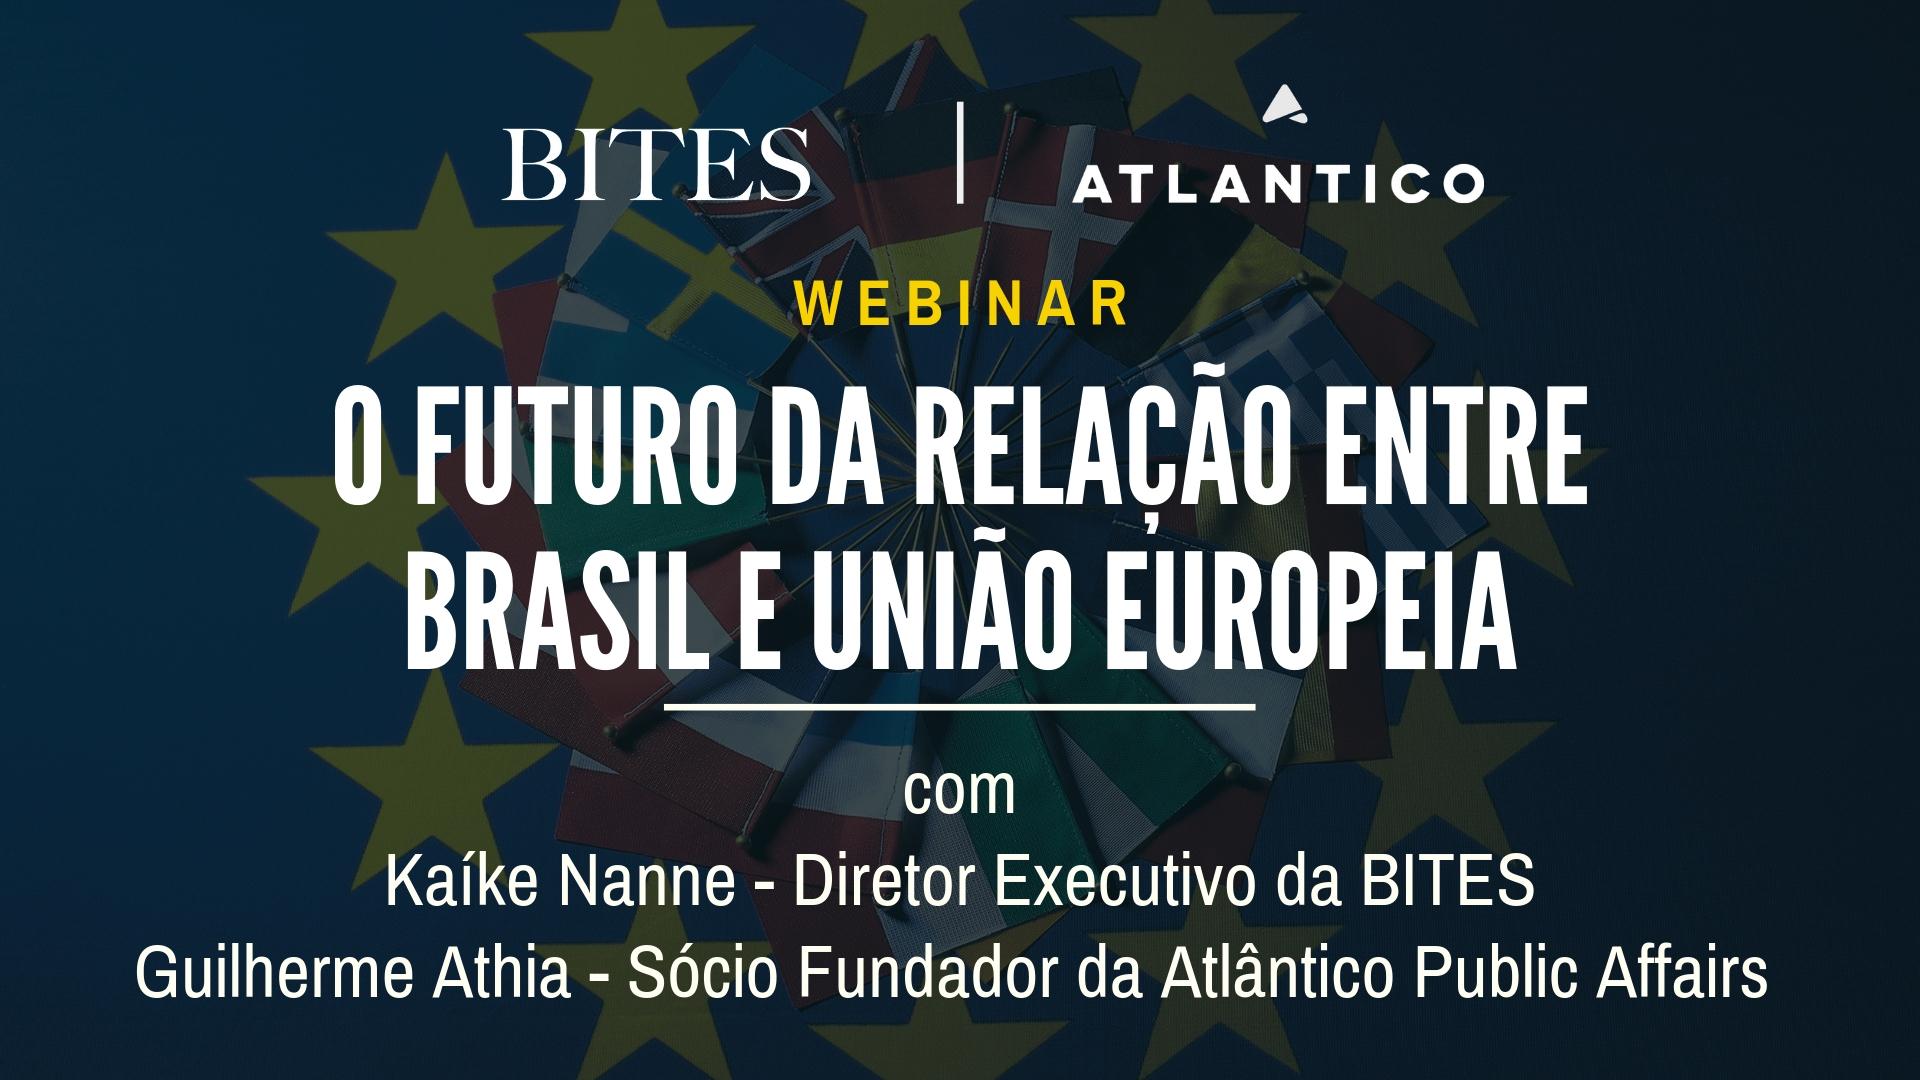 WEBINAR | O Futuro da Relação entre Brasil e União Europeia